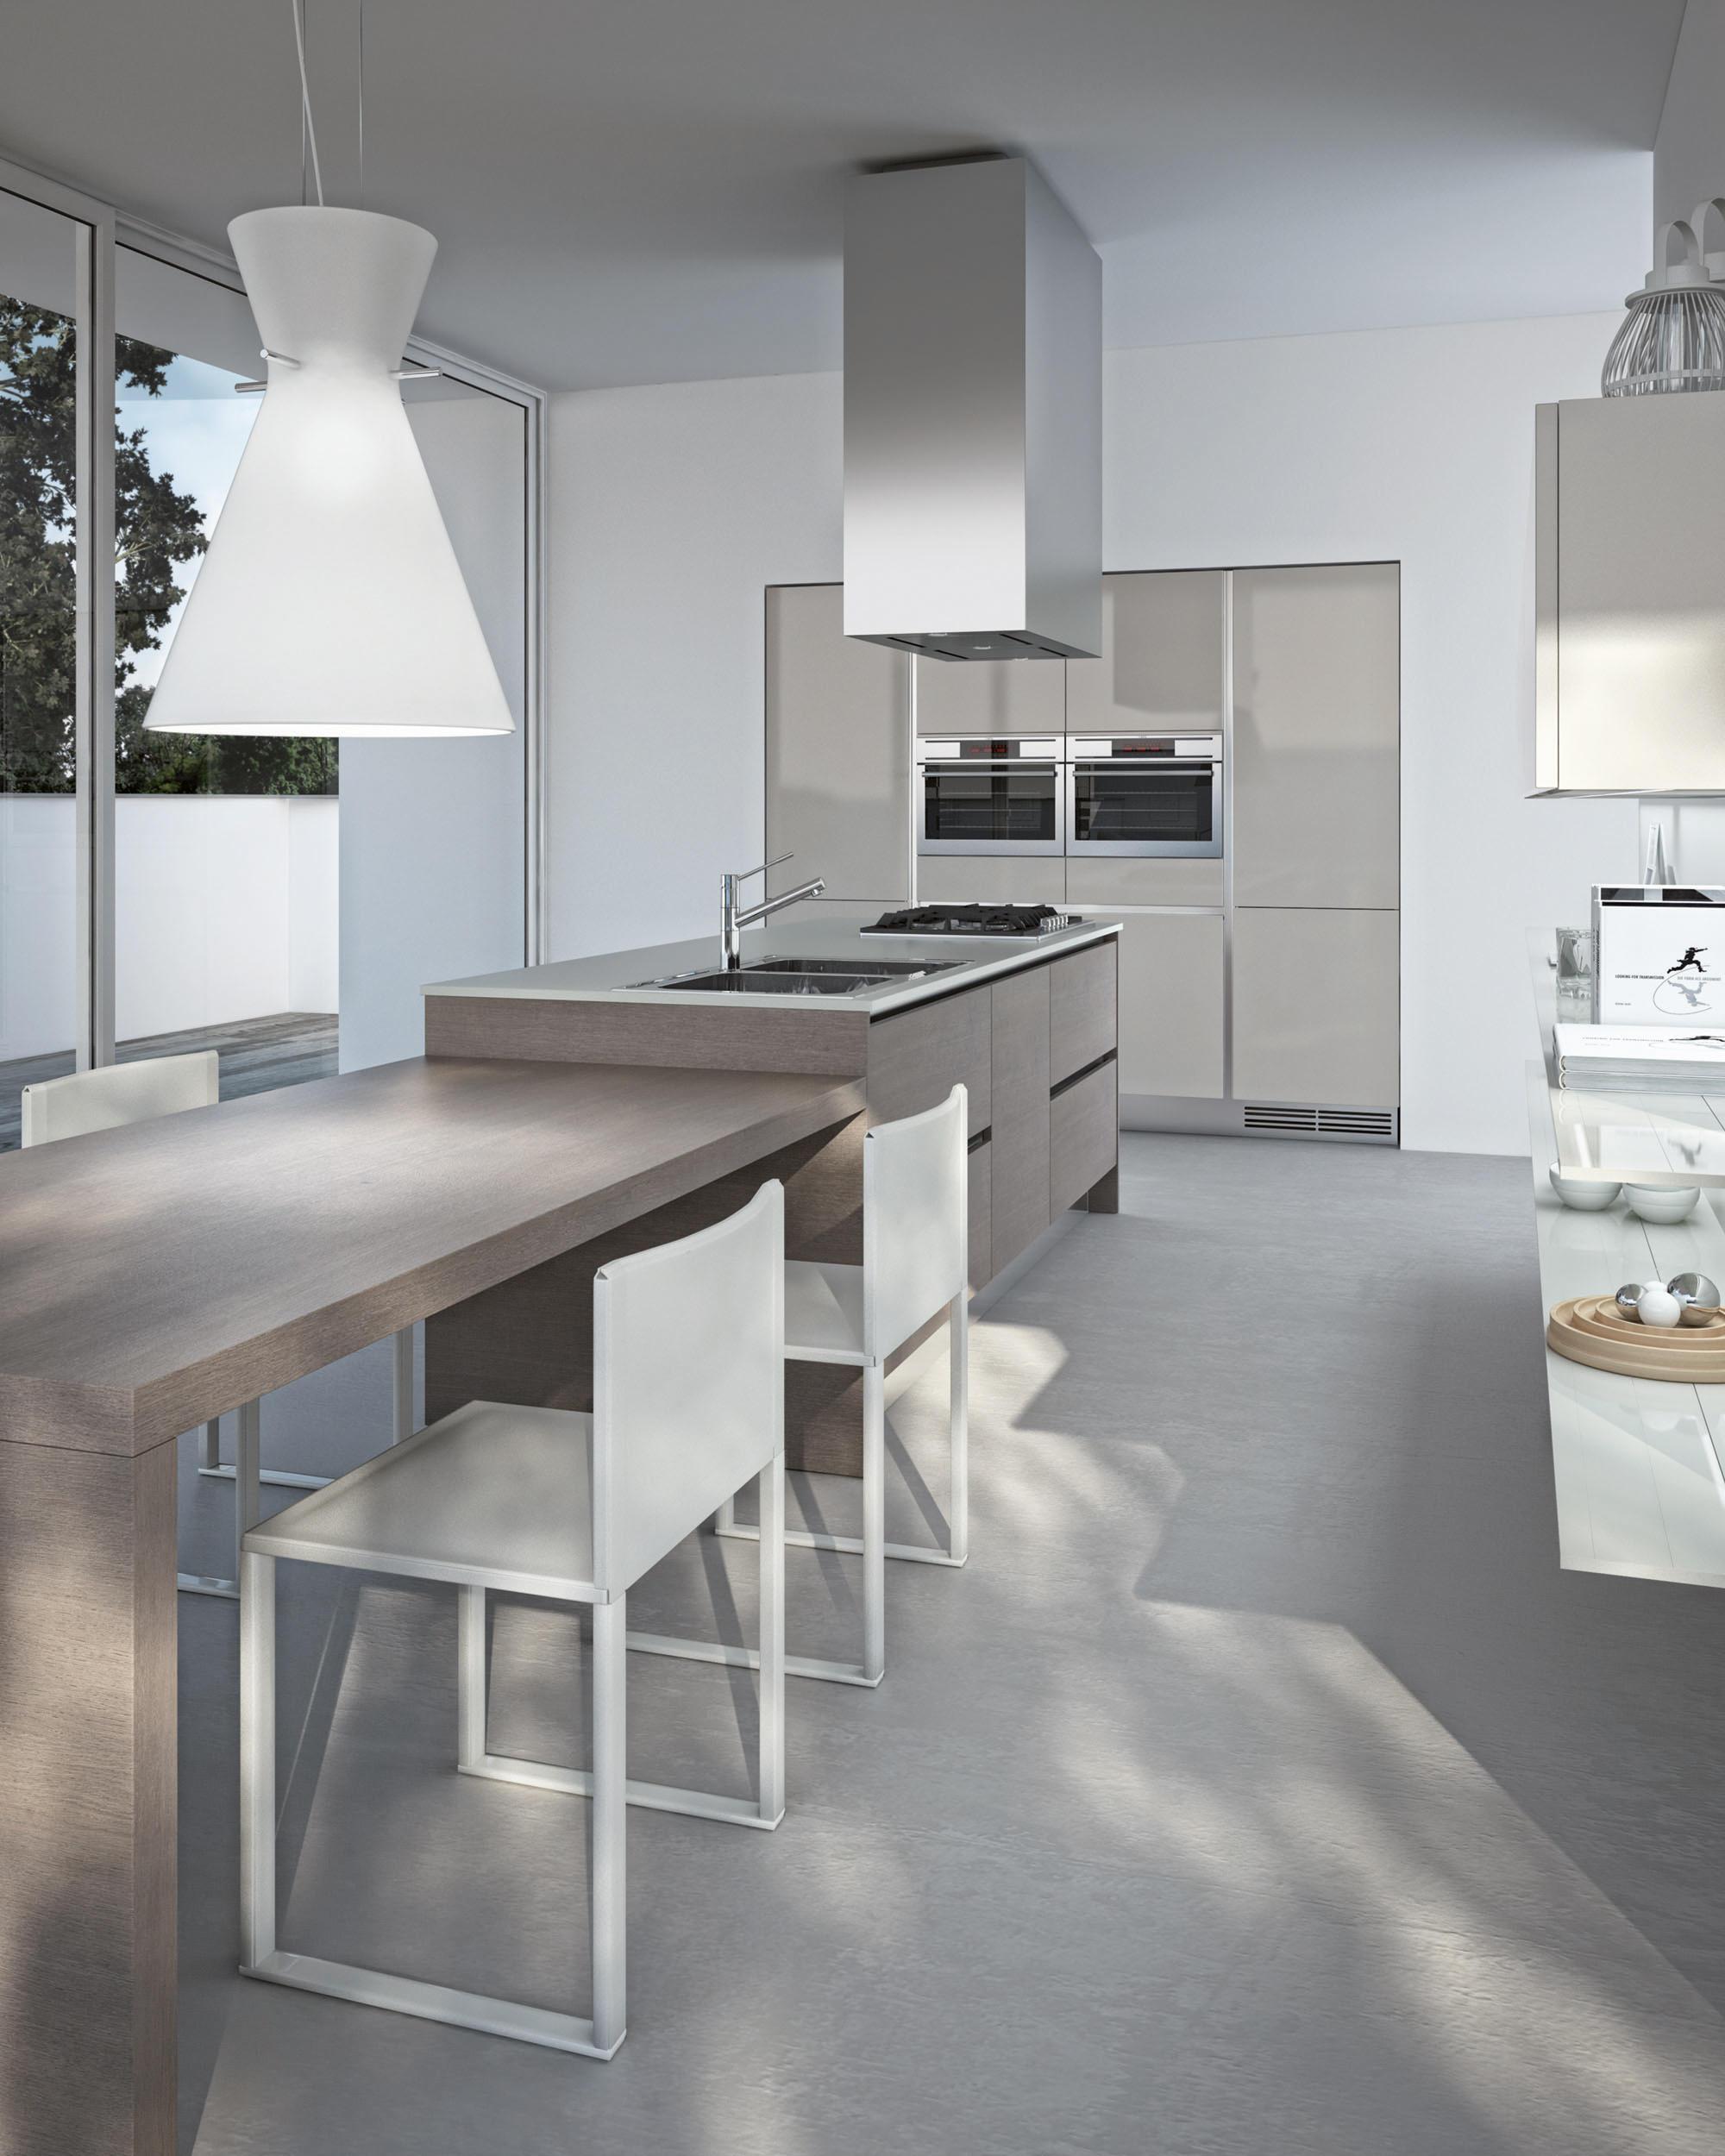 One cucine a parete ernestomeda architonic - Cucine a parete ...